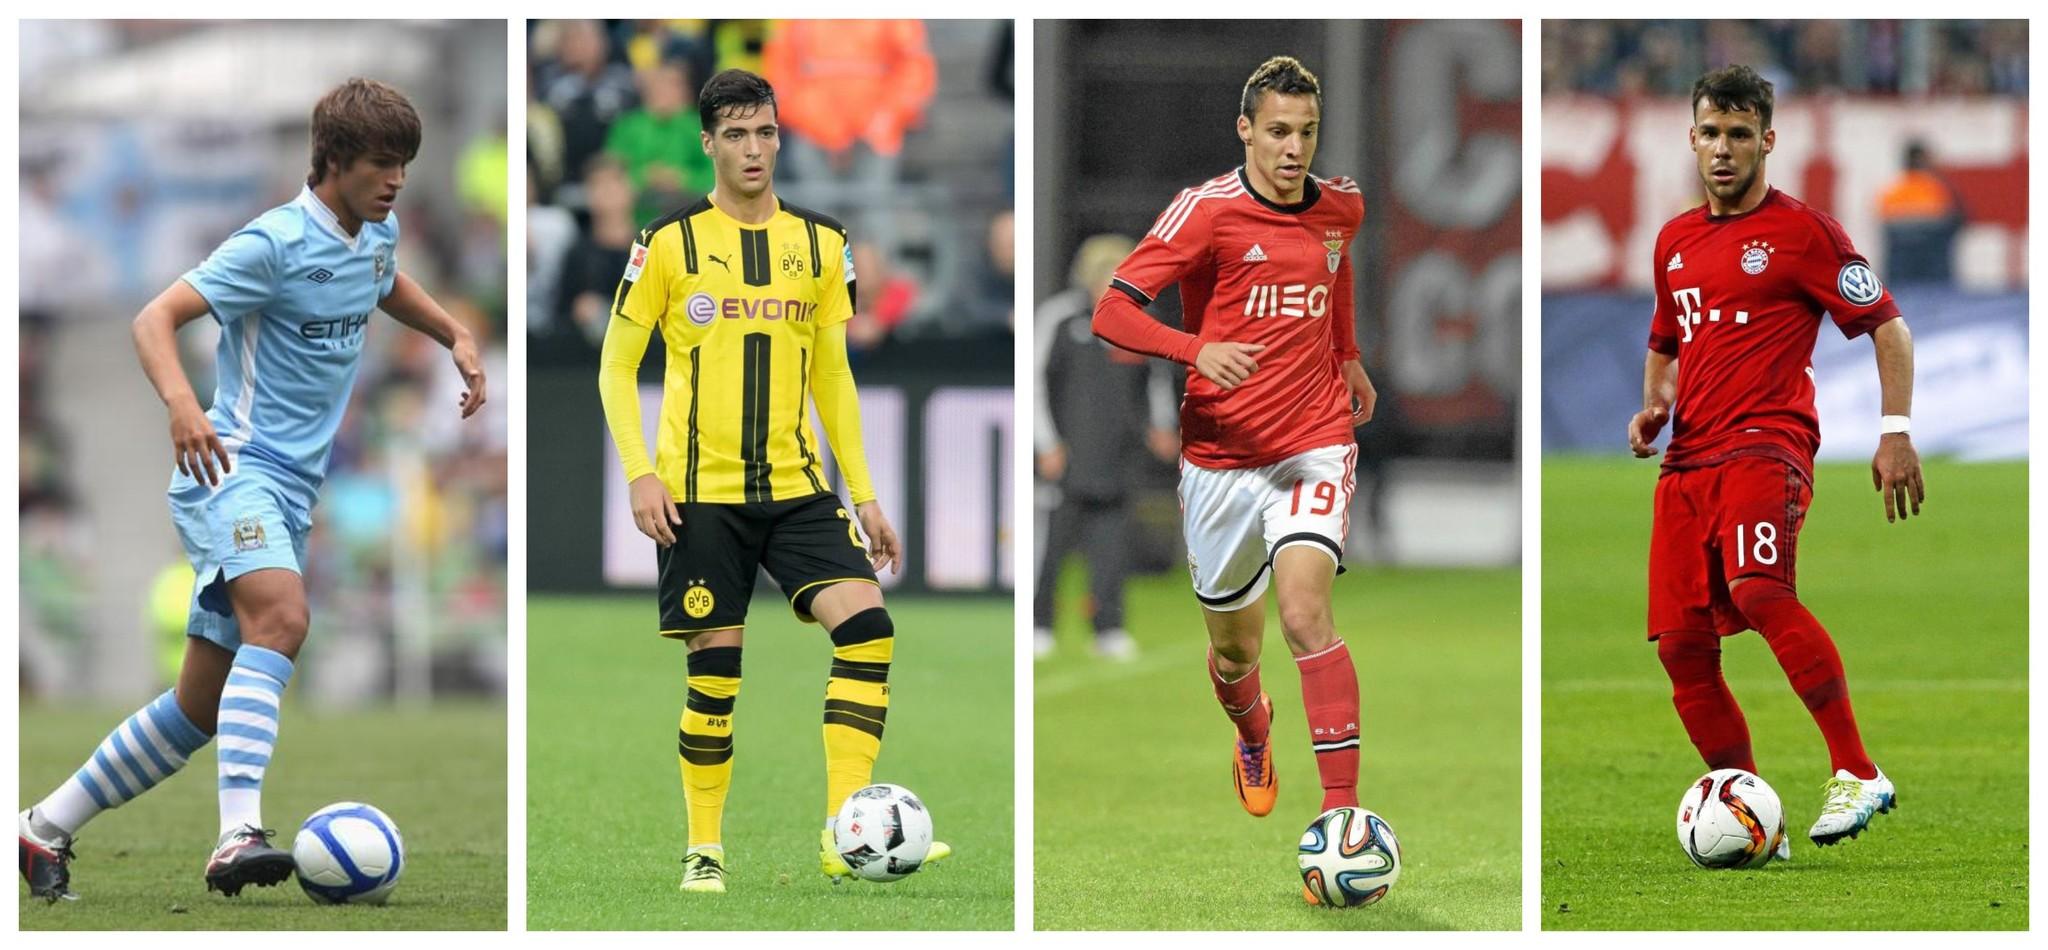 Denis Suárez (City), Merino (B. Dortmund), Rodrigo (Benfica) y Bernat (Bayern)